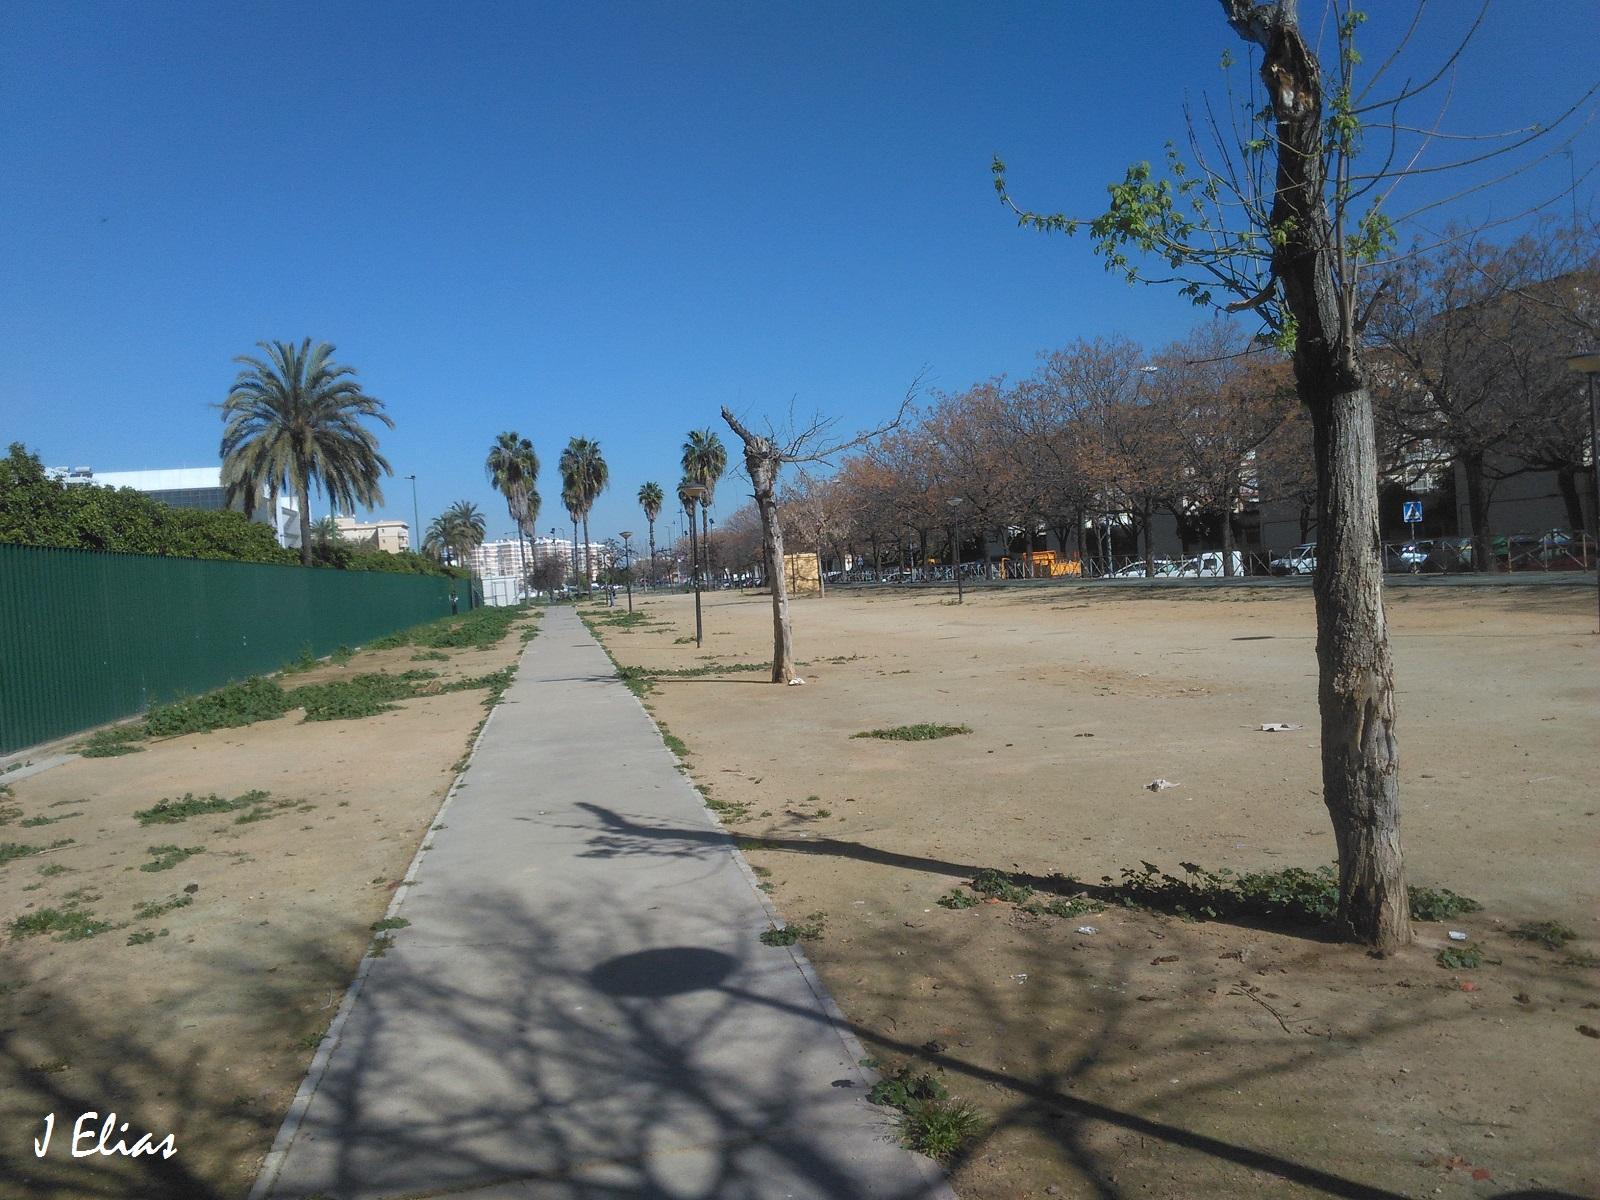 plataforma ciudadana parques y jardines sevilla llantos